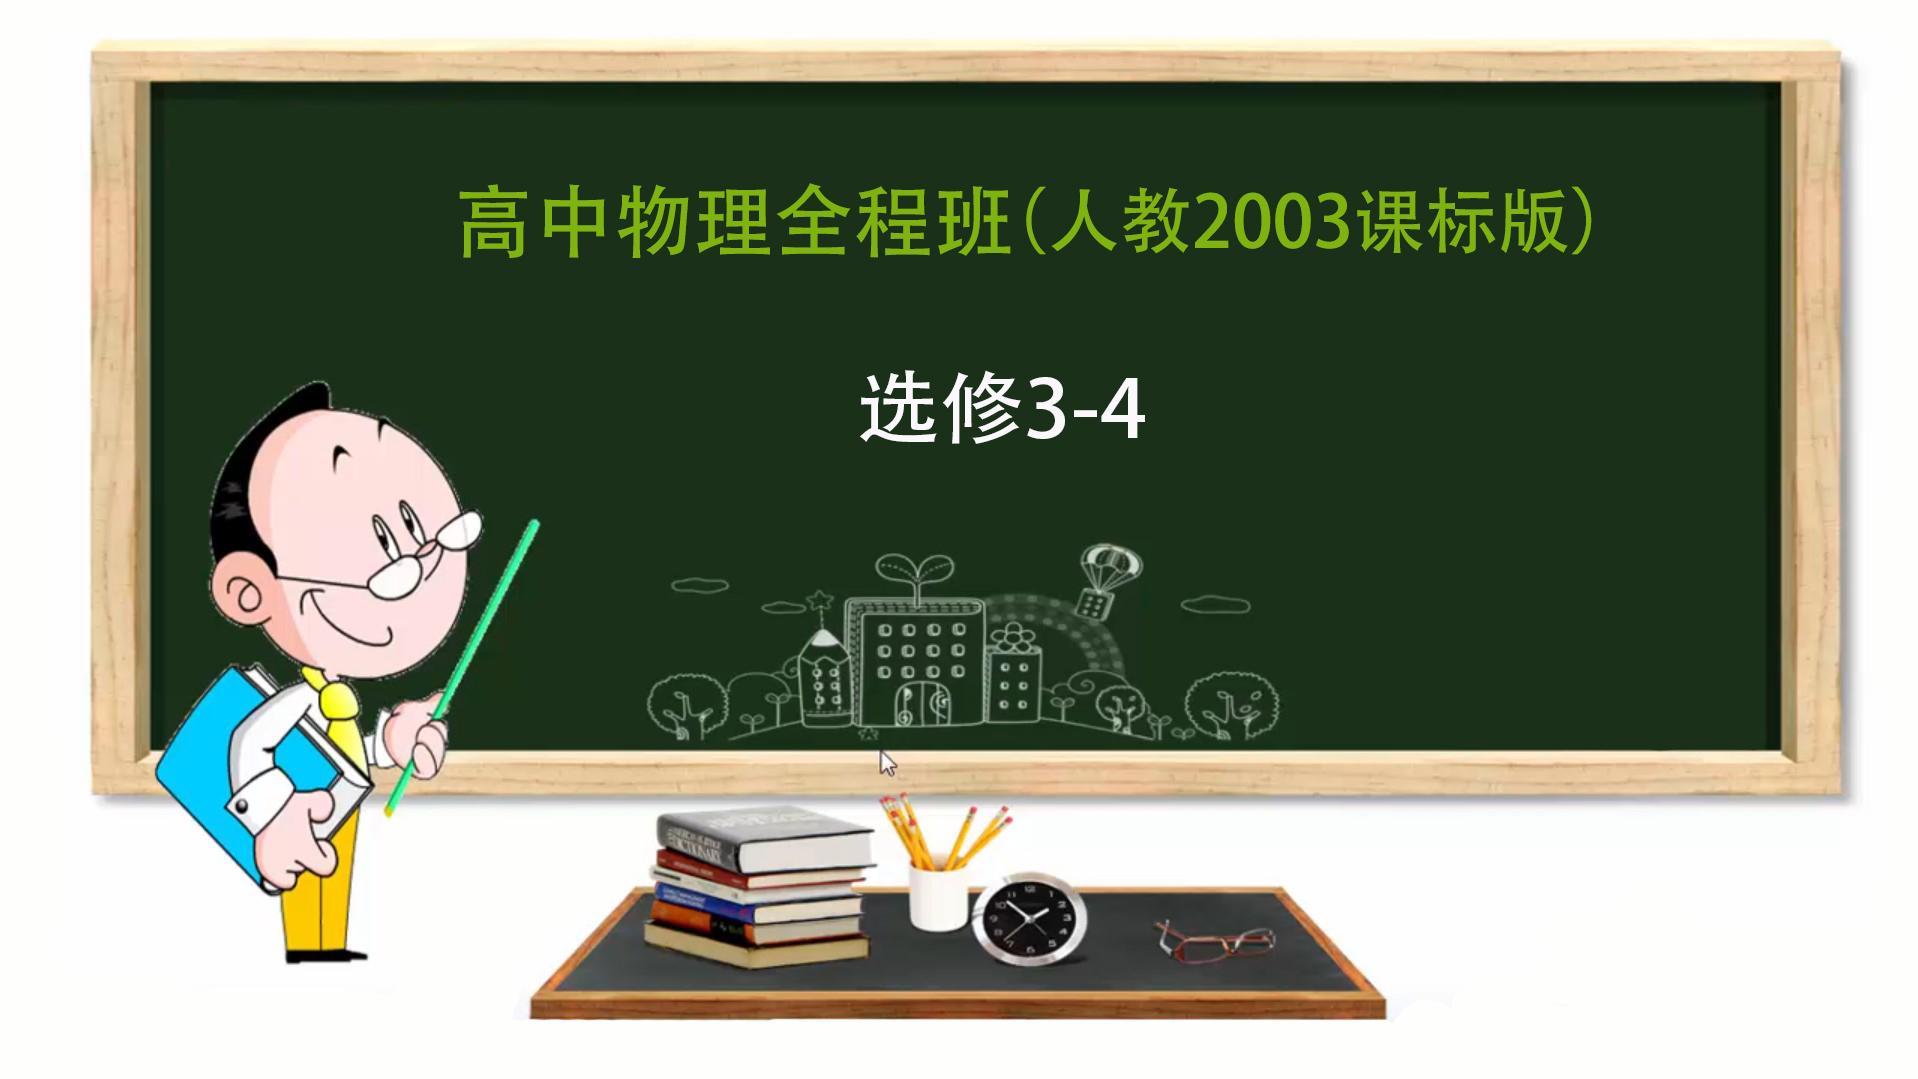 高中物理(人教2003课标版)选修3-4全程班